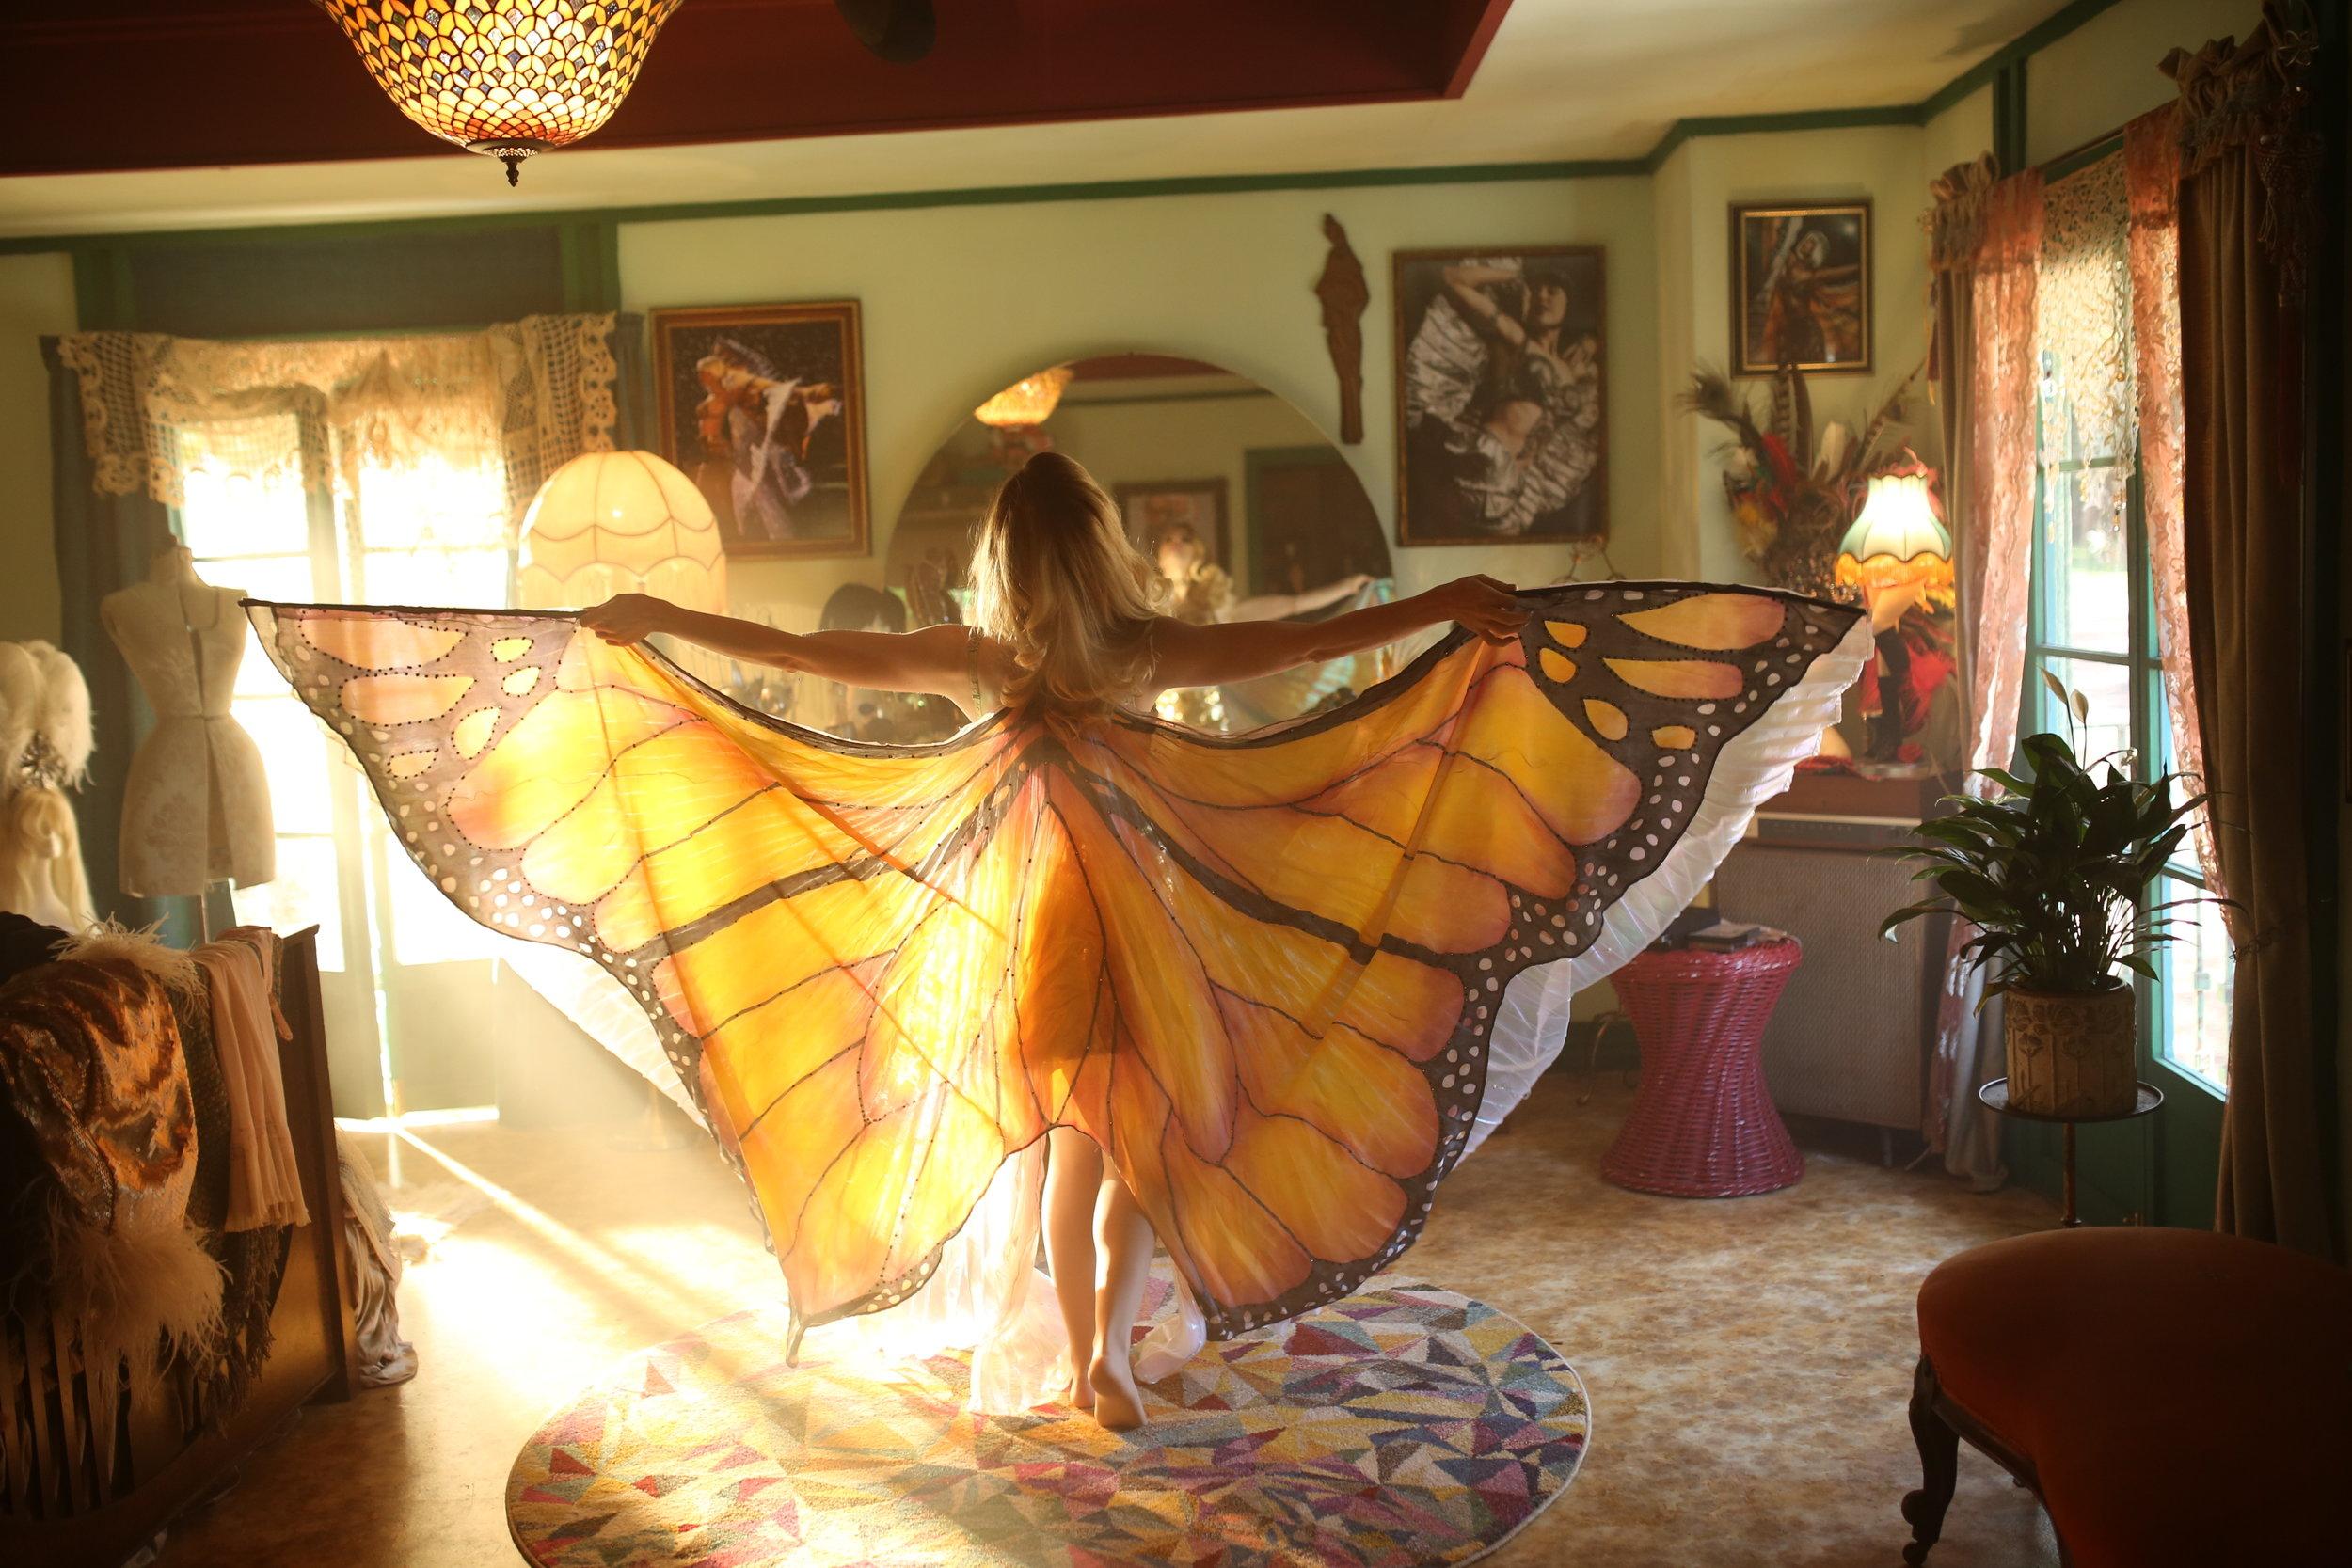 The Butterfly Tree_1H8A2754_By Matt Hart.JPG